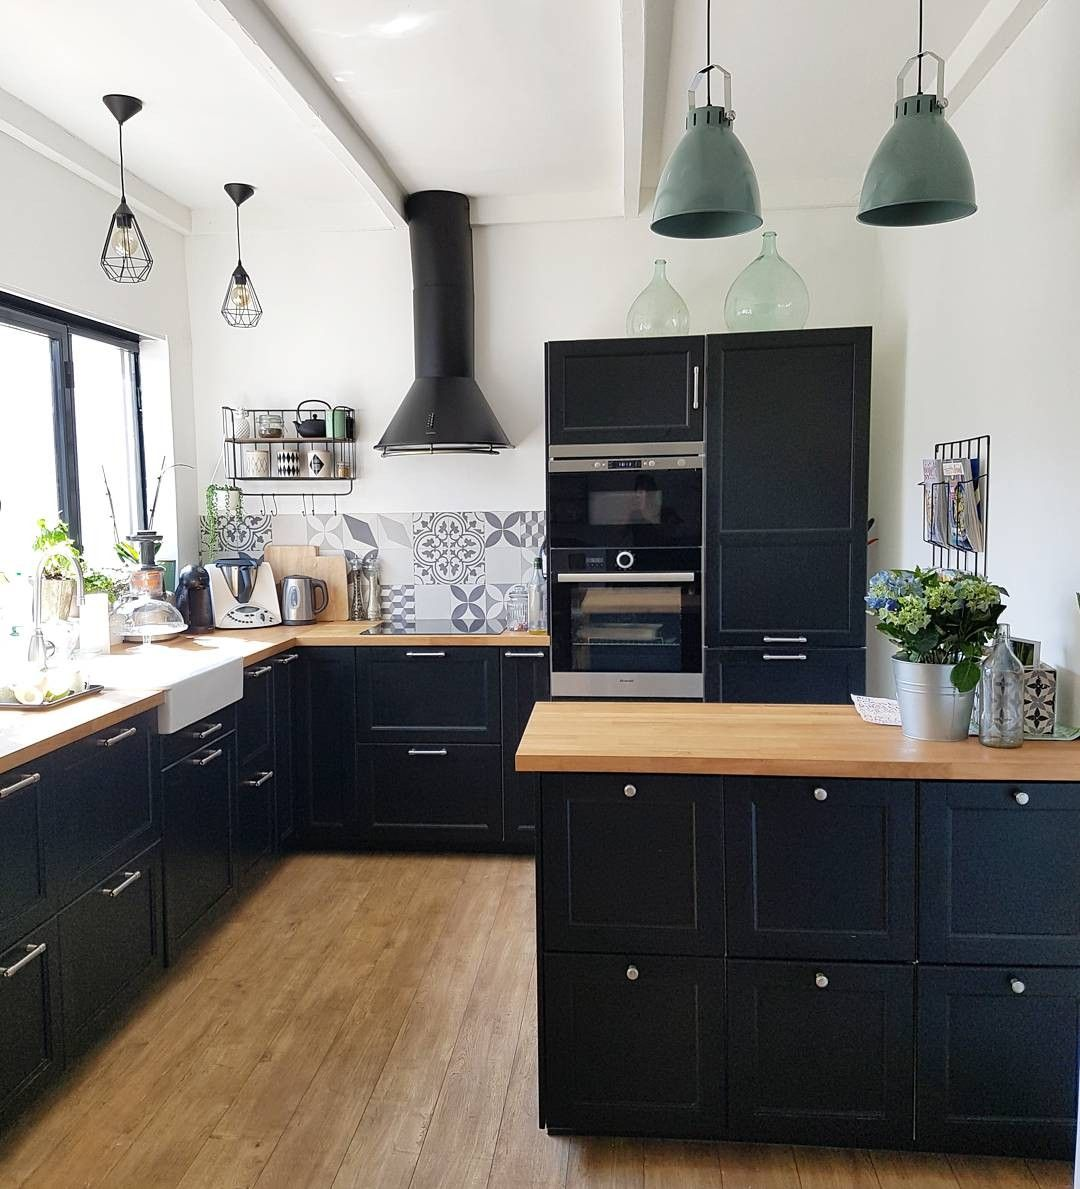 Cuisine ikea laxarby cuisine noire et bois esprit bistro renovation maison cuisine in 2018 - Ikea meuble cuisine ...